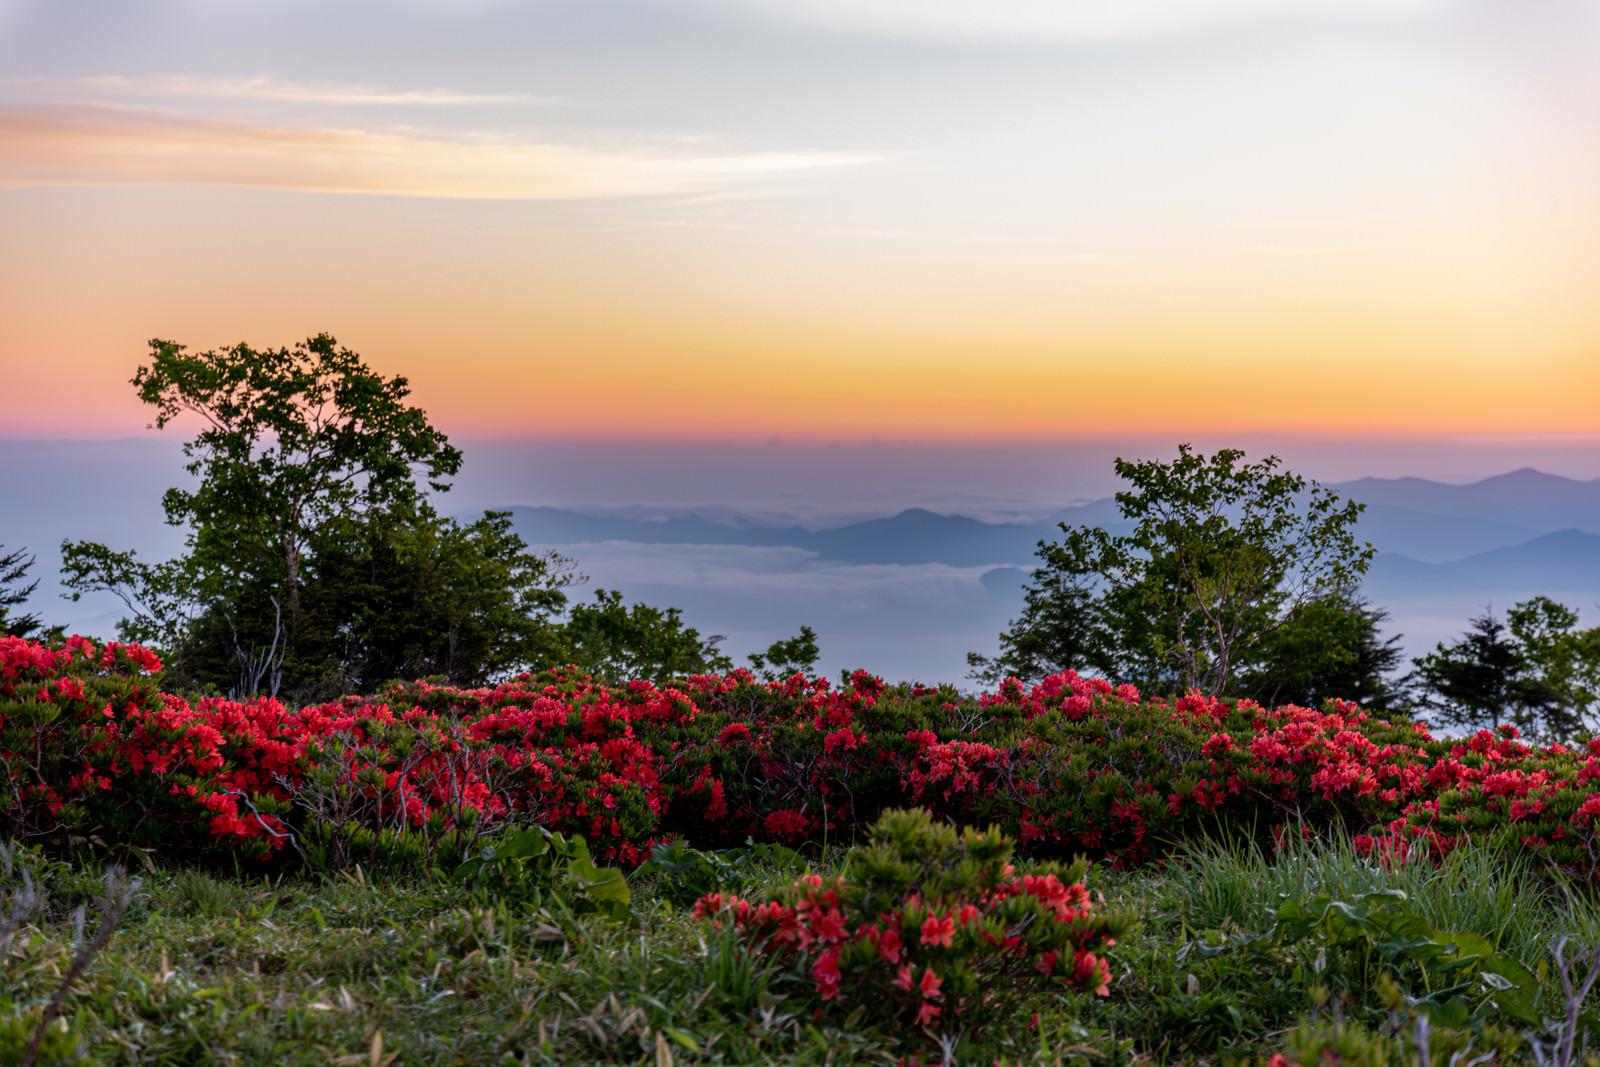 「群生する山ツツジと朝焼け」の写真